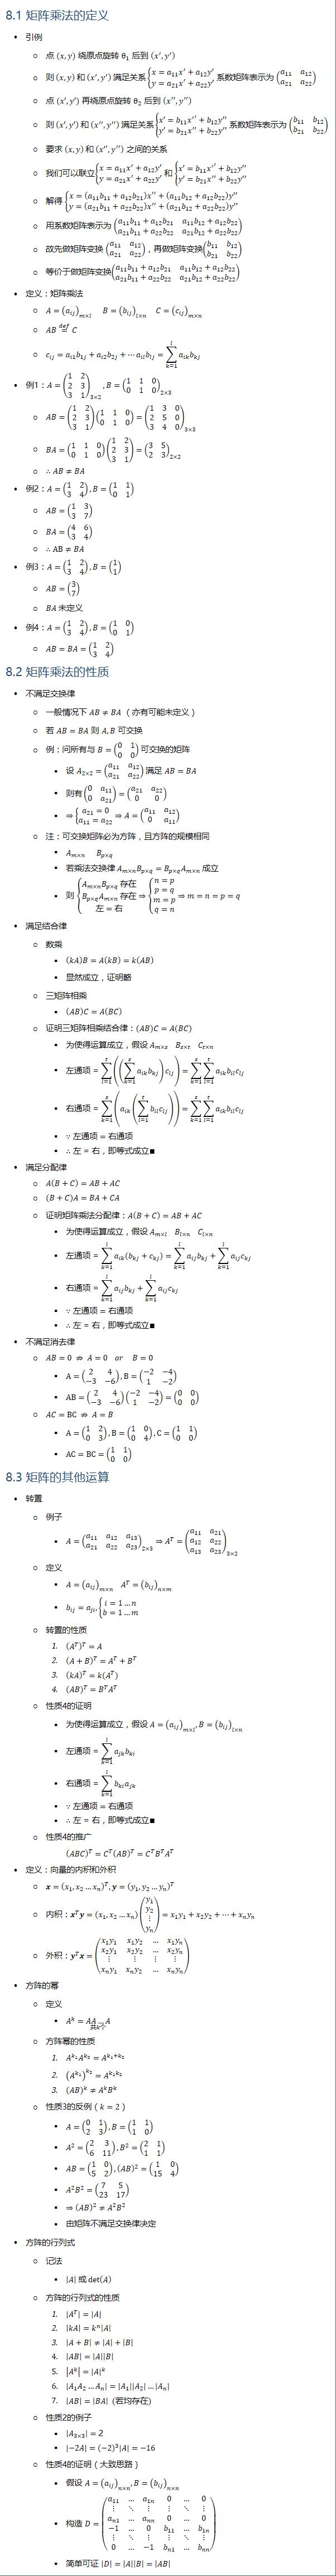 8.1 矩阵乘法的定义 • 引例 ○ 点 (x,y) 绕原点旋转 θ_1 后到 (x^′,y^′ ) ○ 则 (x,y) 和 (x^′,y^′ ) 满足关系{█(x=a_11 x^′+a_12 y′@y=a_21 x^′+a_22 y′)┤ 系数矩阵表示为 (■8(a_11&a_12@a_21&a_22 )) ○ 点 (x′,y′) 再绕原点旋转 θ_2 后到 (x^′′,y^′′ ) ○ 则 (x′,y′) 和 (x^′′,y^′′ ) 满足关系{█(x′=b_11 〖x^′〗^′+b_12 y′′@y′=b_21 x^′′+b_22 y′′)┤ 系数矩阵表示为 (■8(b_11&b_12@b_21&b_22 )) ○ 要求 (x,y) 和 (〖x′〗^′,y^′′ ) 之间的关系 ○ 我们可以联立{█(x=a_11 x^′+a_12 y′@y=a_21 x^′+a_22 y′)┤ 和 {█(x′=b_11 〖x^′〗^′+b_12 y′′@y′=b_21 x^′′+b_22 y′′)┤ ○ 解得 {█(x=(a_11 b_11+a_12 b_21 ) x^′′+(a_11 b_12+a_12 b_22 )y′′@y=(a_21 b_11+a_22 b_22 ) x^′′+(a_21 b_12+a_22 b_22 )y′′)┤ ○ 用系数矩阵表示为 (■8(a_11 b_11+a_12 b_21&a_11 b_12+a_12 b_22@a_21 b_11+a_22 b_22&a_21 b_12+a_22 b_22 )) ○ 故先做矩阵变换 (■8(a_11&a_12@a_21&a_22 )),再做矩阵变换(■8(b_11&b_12@b_21&b_22 )) ○ 等价于做矩阵变换(■8(a_11 b_11+a_12 b_21&a_11 b_12+a_12 b_22@a_21 b_11+a_22 b_22&a_21 b_12+a_22 b_22 )) • 定义:矩阵乘法 ○ A=(a_ij )_(m×l) B=(b_ij )_(l×n) C=(c_ij )_(m×n) ○ AB=┴def C ○ c_ij=a_i1 b_1j+a_i2 b_2j+…a_il b_lj=∑_(k=1)^l▒〖a_ik b_kj 〗 • 例1:A=(■8(1&2@2&3@3&1))_(3×2), B=(■8(1&1&0@0&1&0))_(2×3) ○ AB=(■8(1&2@2&3@3&1))(■8(1&1&0@0&1&0))=(■8(1&3&0@2&5&0@3&4&0))_(3×3) ○ BA=(■8(1&1&0@0&1&0))(■8(1&2@2&3@3&1))=(■8(3&5@2&3))_(2×2) ○ ∴AB≠BA • 例2:A=(■8(1&2@3&4)), B=(■8(1&1@0&1)) ○ AB=(■8(1&3@3&7)) ○ BA=(■8(4&6@3&4)) ○ ∴AB≠BA • 例3:A=(■8(1&2@3&4)), B=(■8(1@1)) ○ AB=(■8(3@7)) ○ BA 未定义 • 例4:A=(■8(1&2@3&4)),B=(■8(1&0@0&1)) ○ AB=BA=(■8(1&2@3&4)) 8.2 矩阵乘法的性质 • 不满足交换律 ○ 一般情况下 AB≠BA (亦有可能未定义) ○ 若 AB=BA 则 A, B 可交换 ○ 例:问所有与 B=(■8(0&1@0&0)) 可交换的矩阵 § 设 A_(2×2)=(■8(a_11&a_12@a_21&a_22 )) 满足 AB=BA § 则有(■8(0&a_11@0&a_21 ))=(■8(a_21&a_22@0&0)) § ⇒{█(a_21=0@a_11=a_22 )⇒A=(■8(a_11&a_12@0&a_11 ))┤ ○ 注:可交换矩阵必为方阵,且方阵的规模相同 § A_(m×n) B_(p×q) § 若乘法交换律 A_(m×n) B_(p×q)=B_(p×q) A_(m×n) 成立 § 则 {█(A_(m×n) B_(p×q) 存在@B_(p×q) A_(m×n) 存在@左=右)┤⇒{█(n=p@p=q@m=p@q=n)⇒m=n=p=q┤ • 满足结合律 ○ 数乘 § (kA)B=A(kB)=k(AB) § 显然成立,证明略 ○ 三矩阵相乘 § (AB)C=A(BC) ○ 证明三矩阵相乘结合律:(AB)C=A(BC) § 为使得运算成立,假设 A_(m×s) B_(s×t) C_(t×n) § 左通项=∑_(l=1)^t▒((∑_(k=1)^s▒〖a_ik b_kj 〗) c_lj ) =∑_(k=1)^s▒∑_(l=1)^t▒〖〖a_ik b〗_il c_lj 〗 § 右